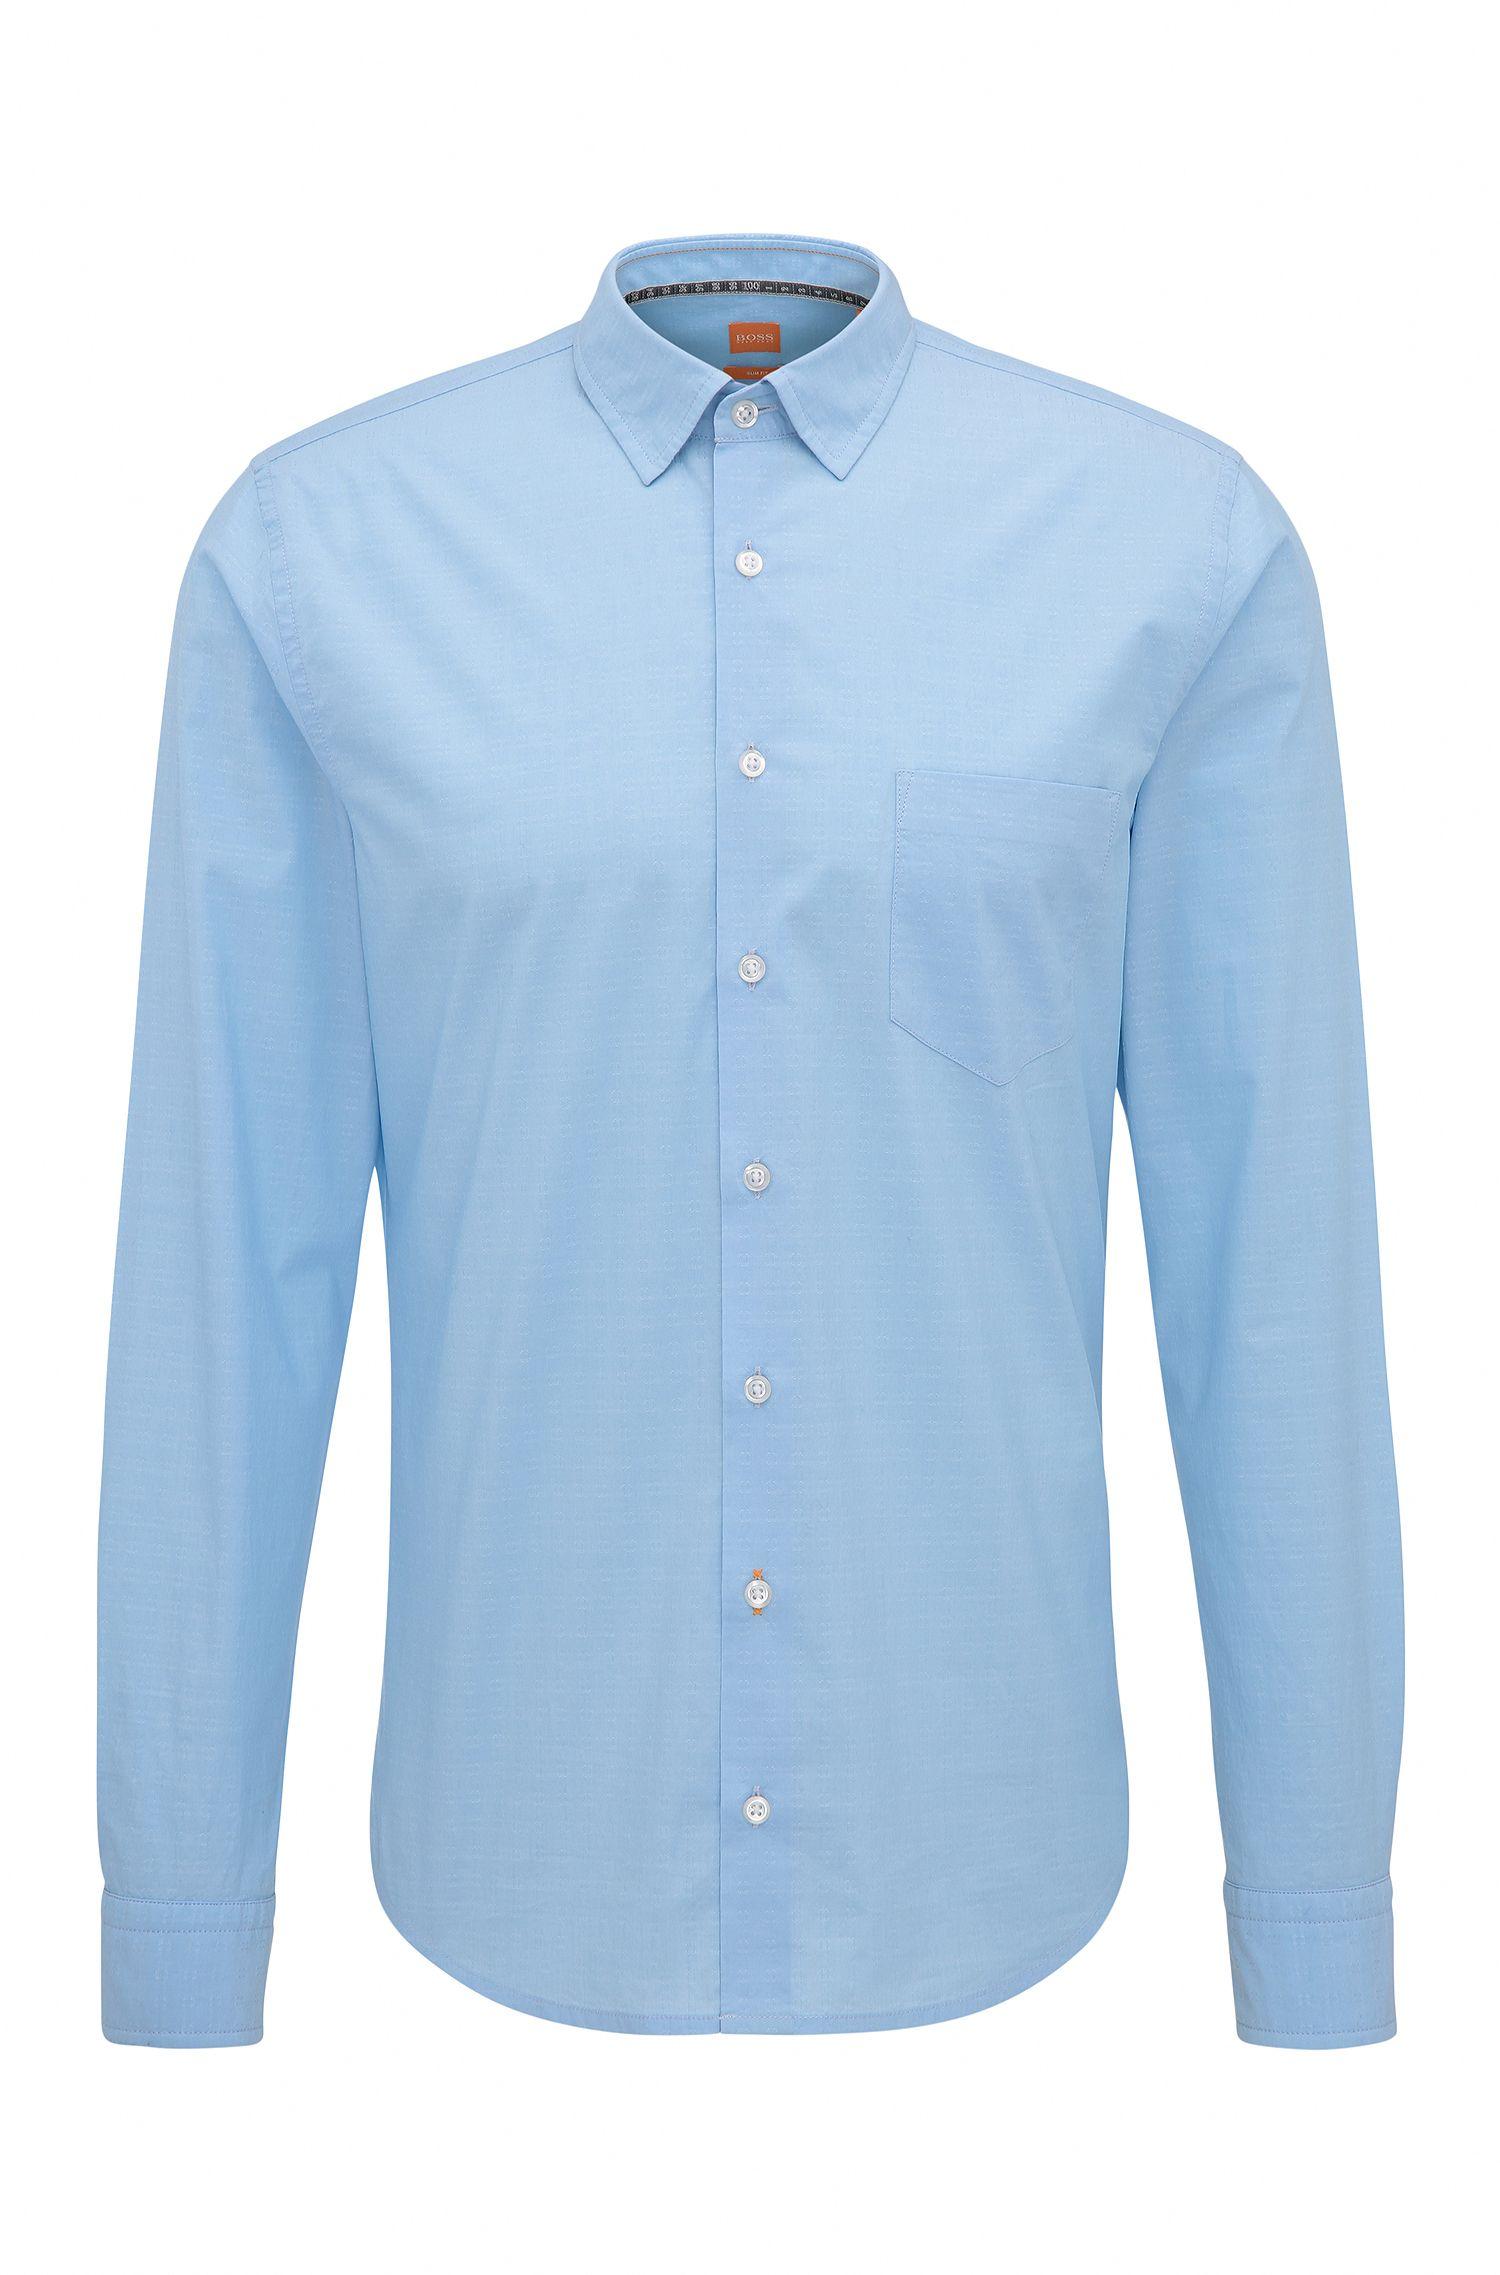 Camisa slim fit en algodón elástico de tejido dobby